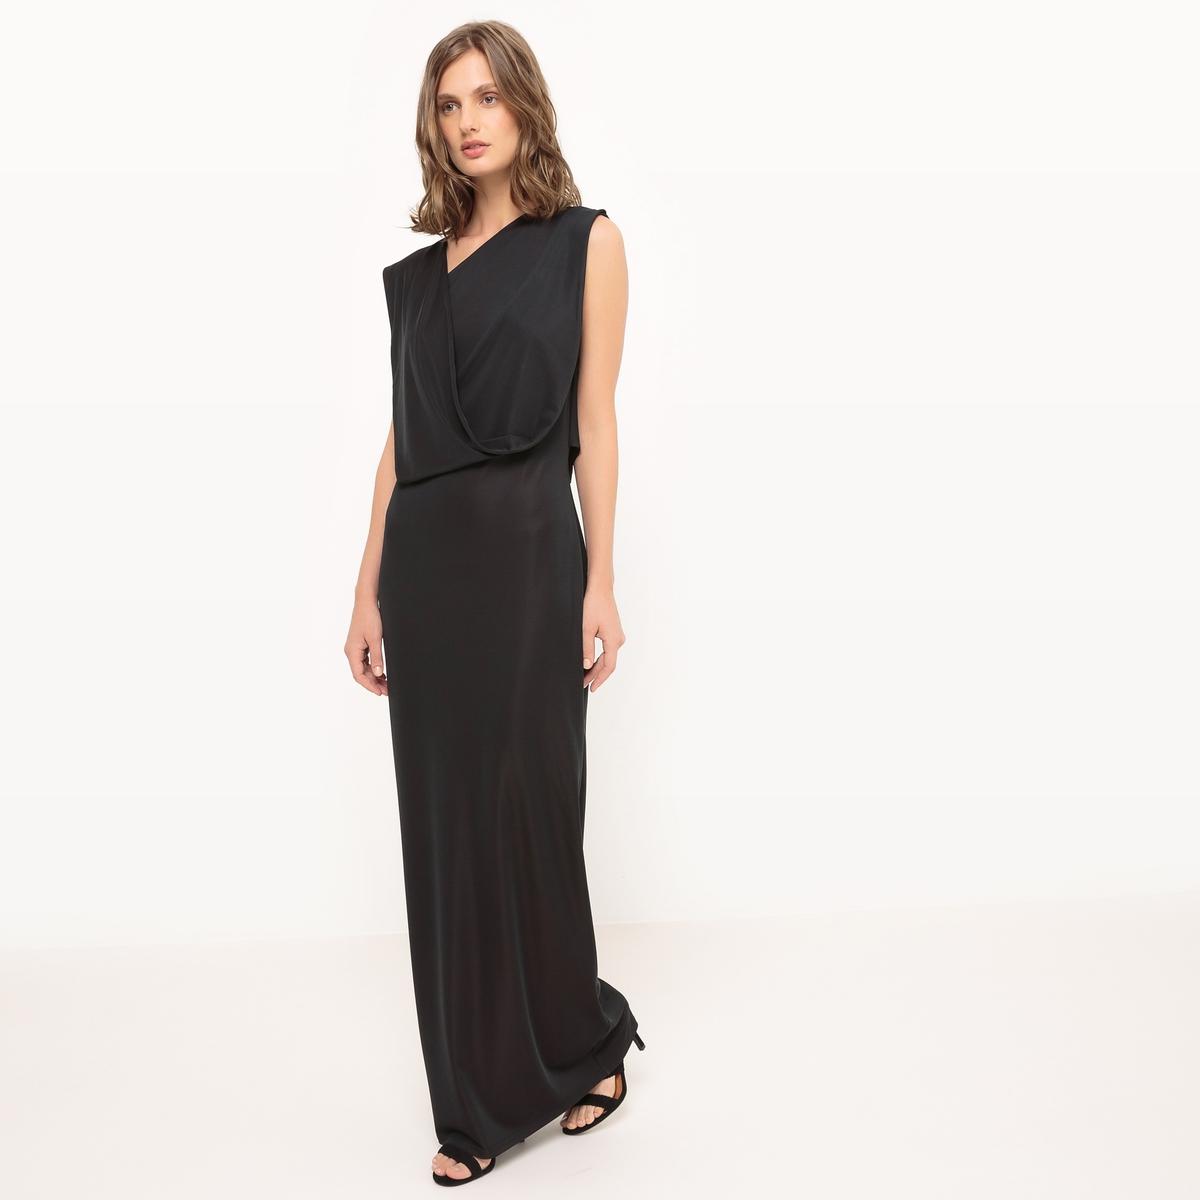 Платье длинное без рукавовДлинное платье из трикотажа. Асимметричный прямой покрой, со складками. Без рукавов. Широкая лента для эффекта драпировки от плеча по боковой стороне. Состав и описание Материал : 90% полиэстера, 10% эластанаДлина : 148 см Марка : Manon Vandrisse для La RedouteУходМашинная стирка при 30 °C в деликатном режимеРазрешается использование любых растворителейОтбеливание запрещеноБарабанная сушка запрещенаГладить при низкой температуре<br><br>Цвет: черный<br>Размер: 40 (FR) - 46 (RUS)